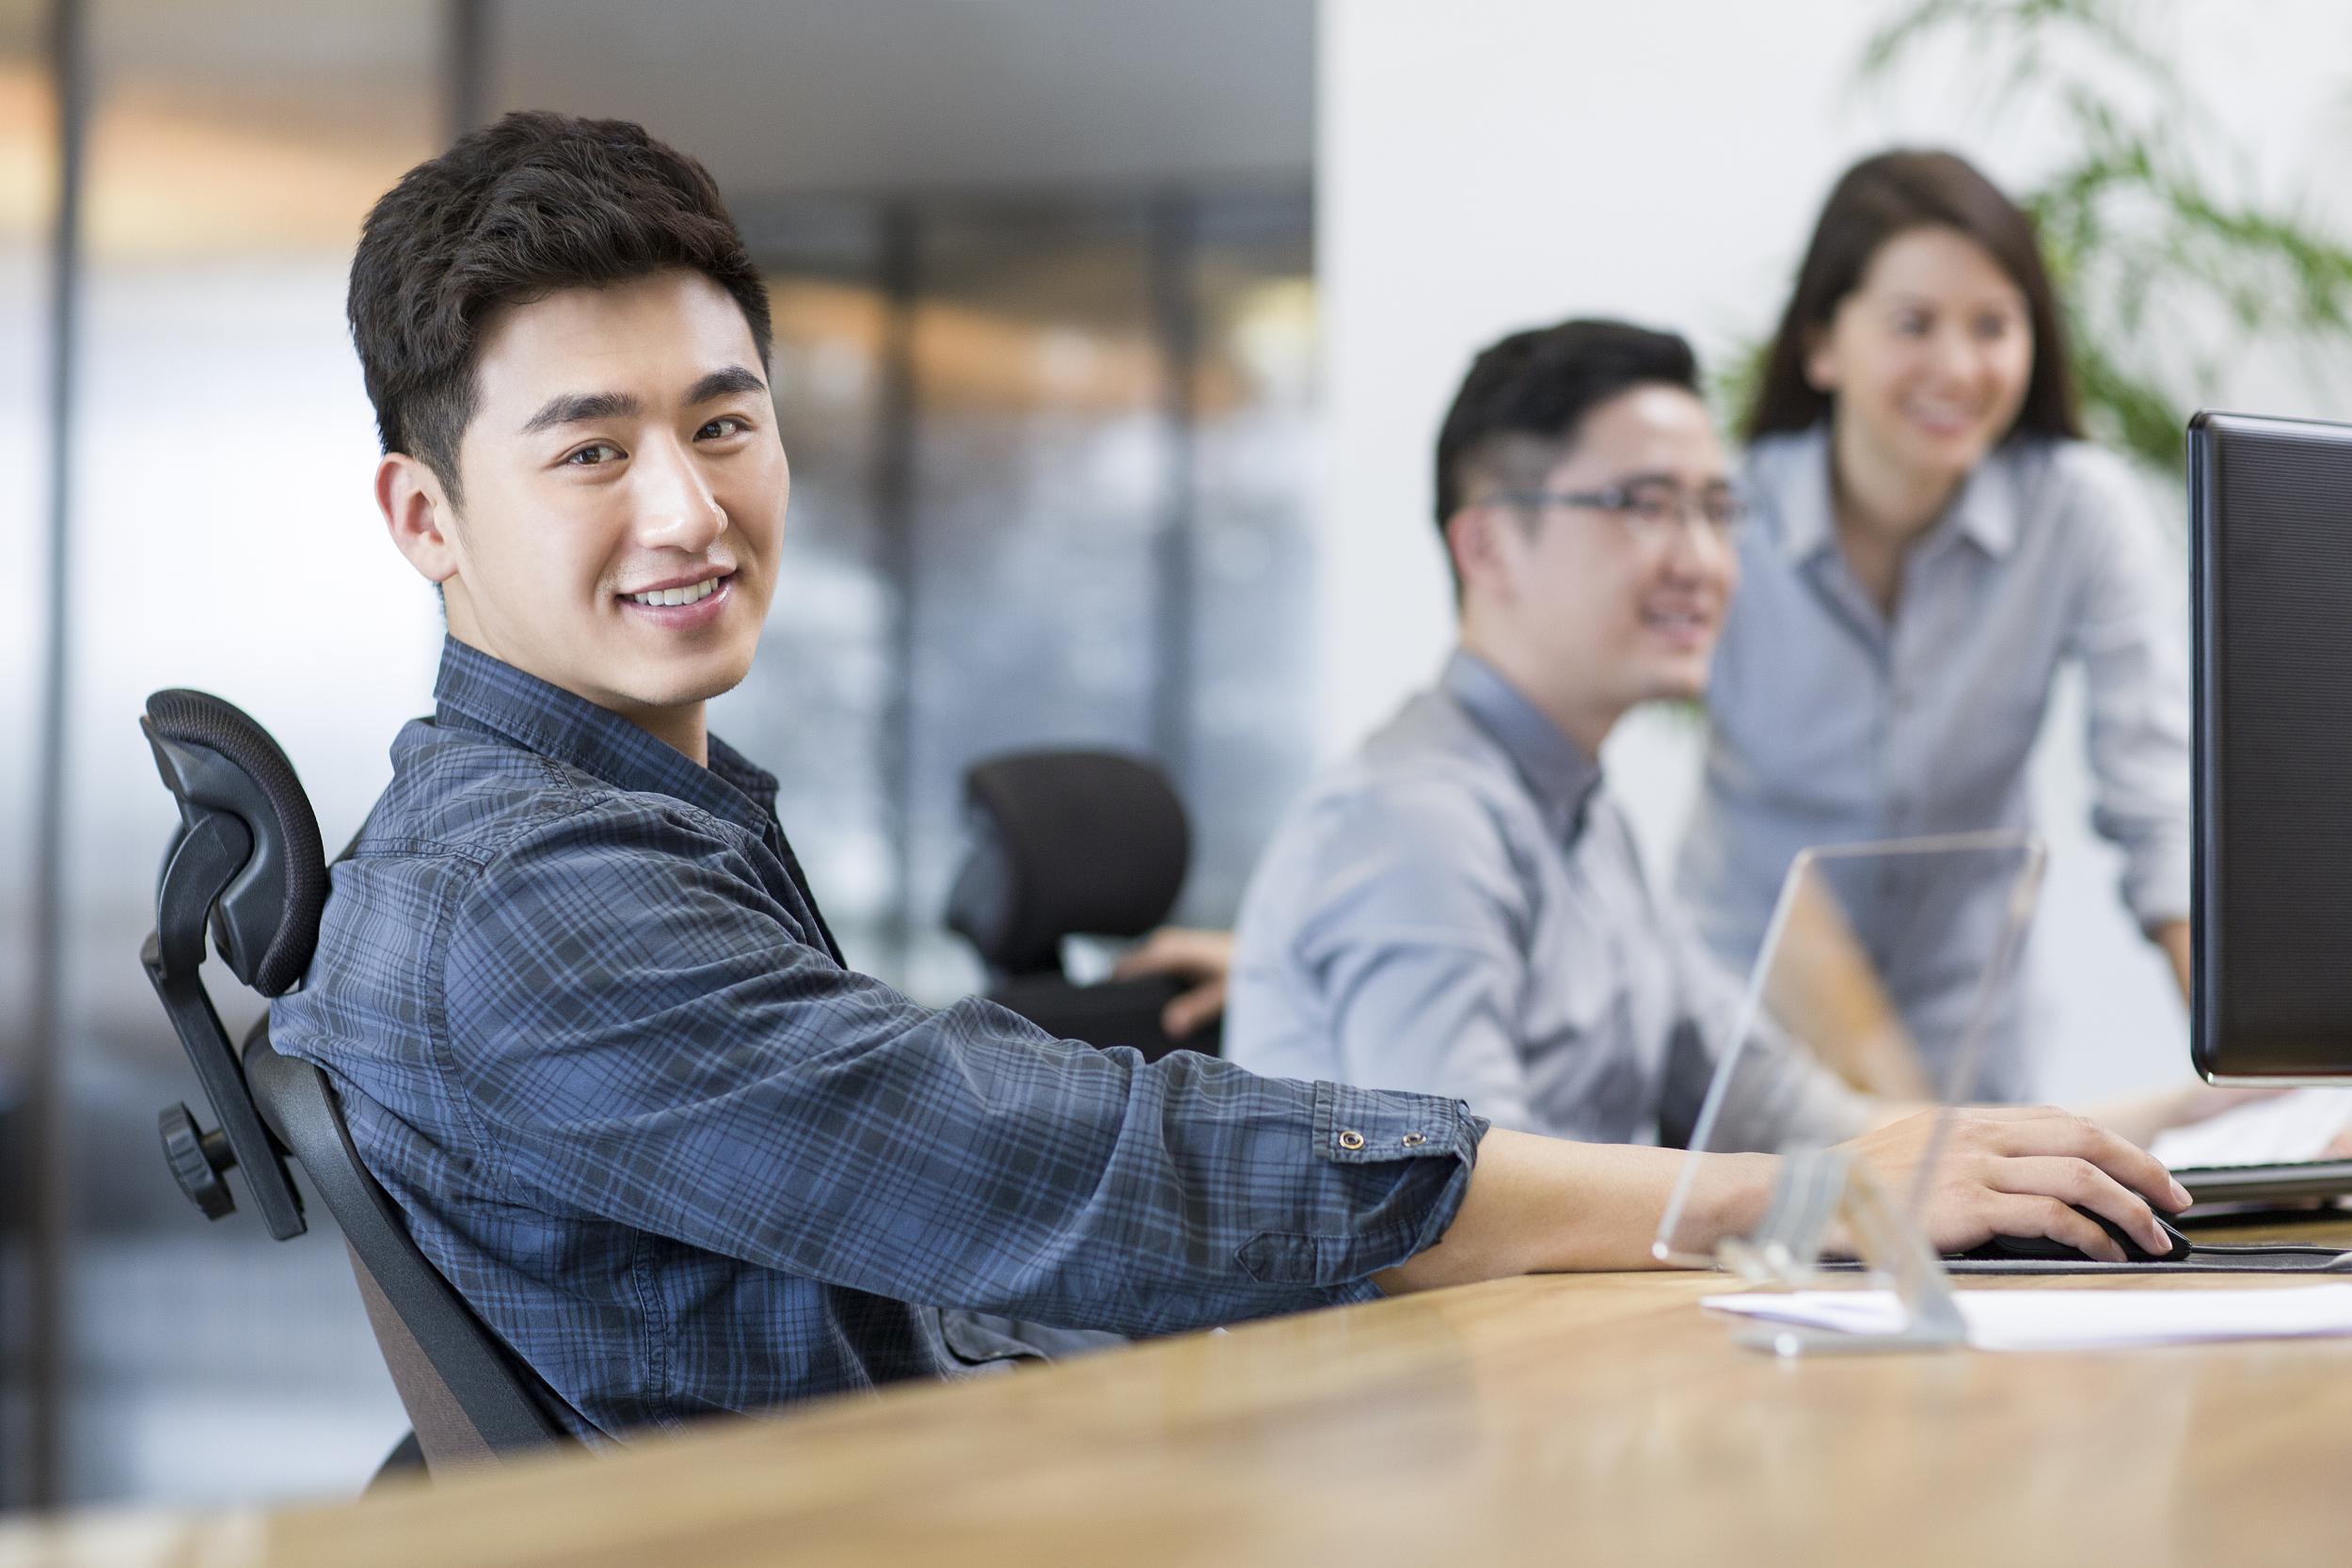 过半理工科留学生认为找工作不难,虽然就业竞争压力大